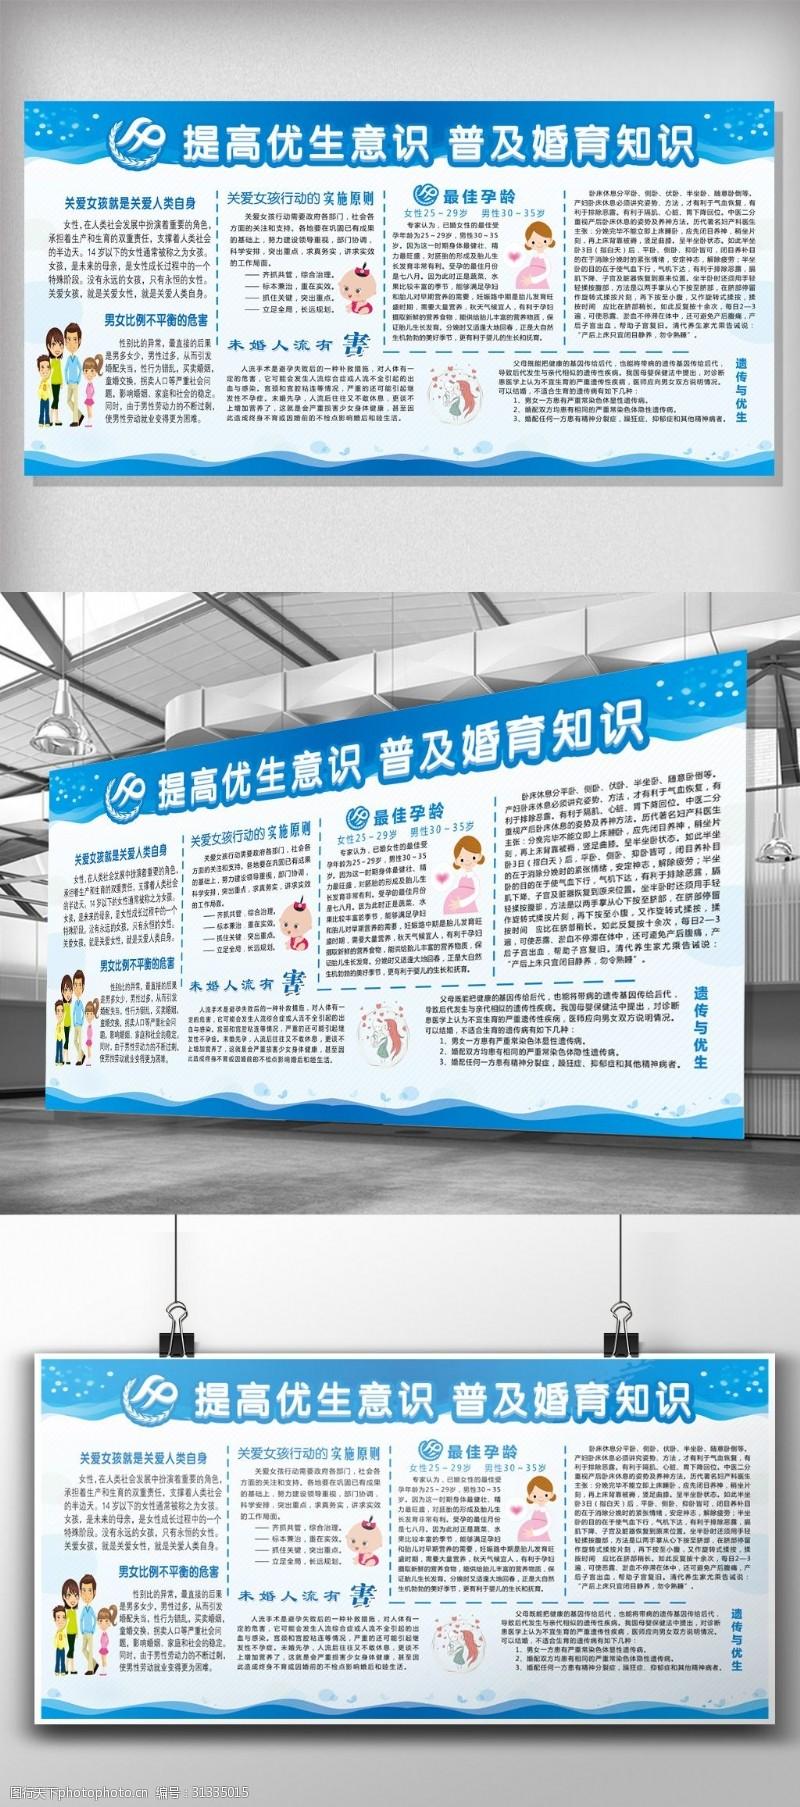 计划生育宣传栏提高优生意识普及婚育知识健康展板